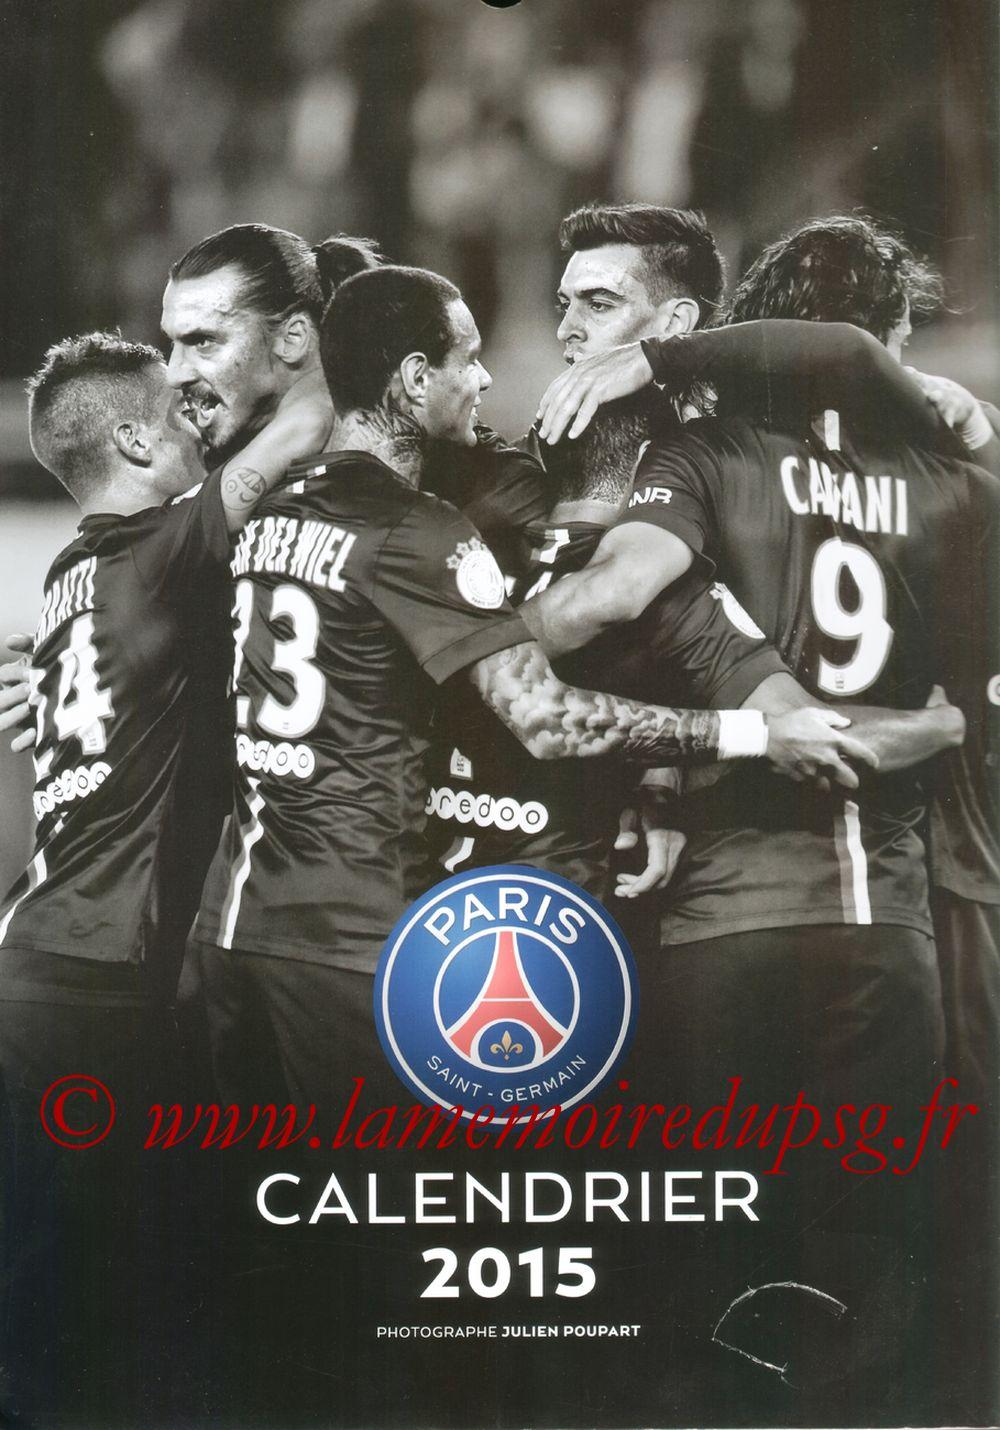 Calendrier PSG 2015 - Couverture